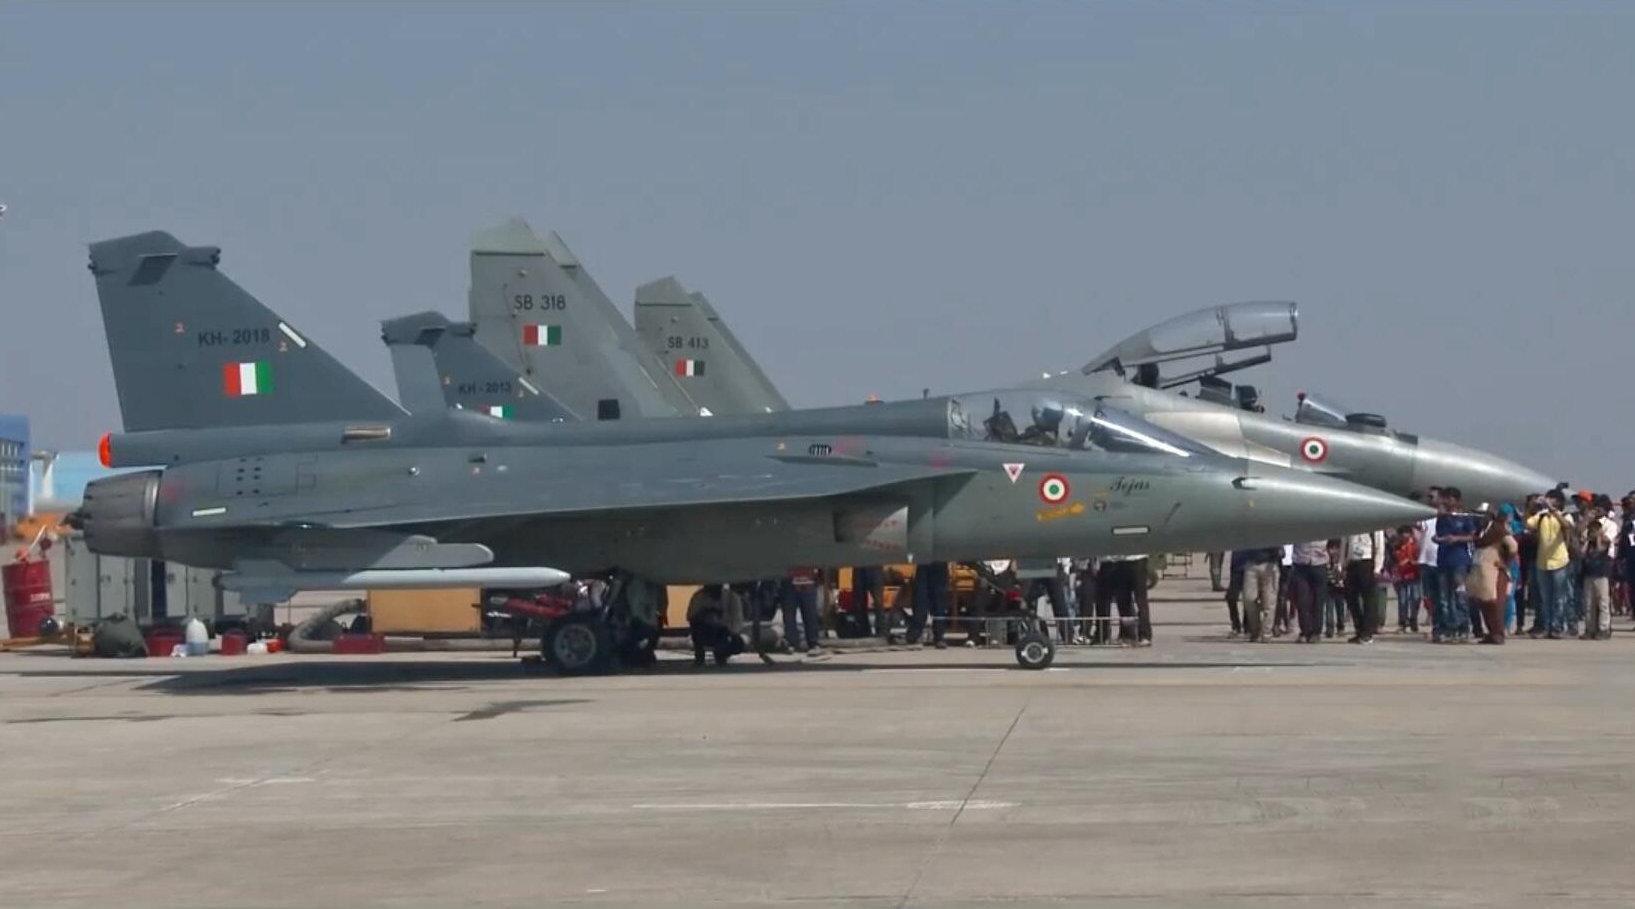 印度空军飞行员进行飞行表演,驾驶自行研发的LCA战斗机!